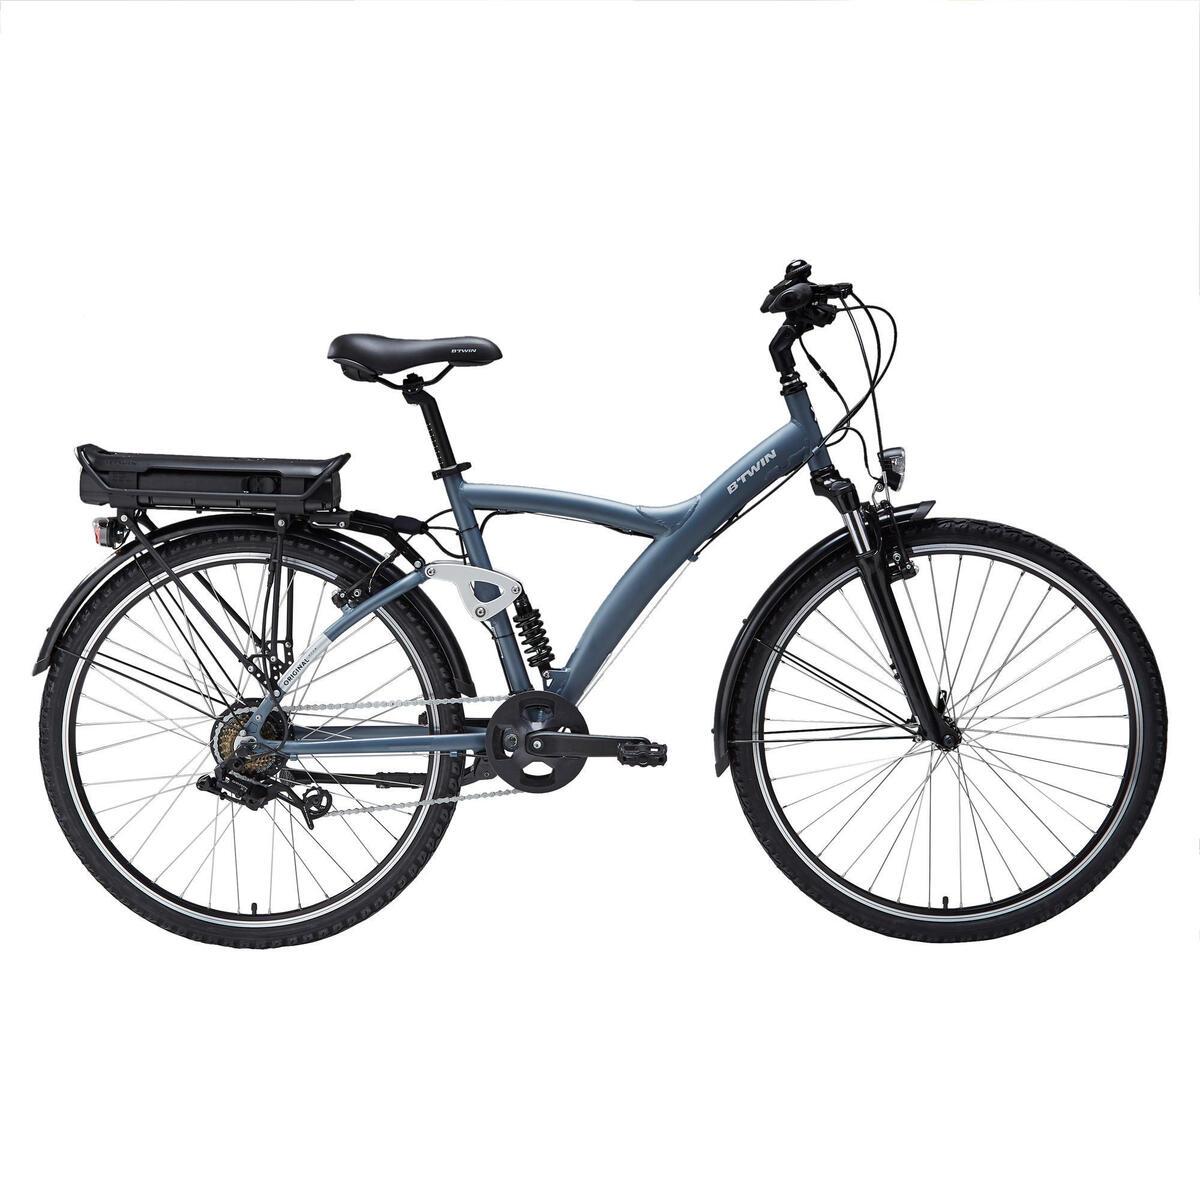 Bild 2 von E-Bike Trekkingrad 26/28 Zoll Original 920E graublau